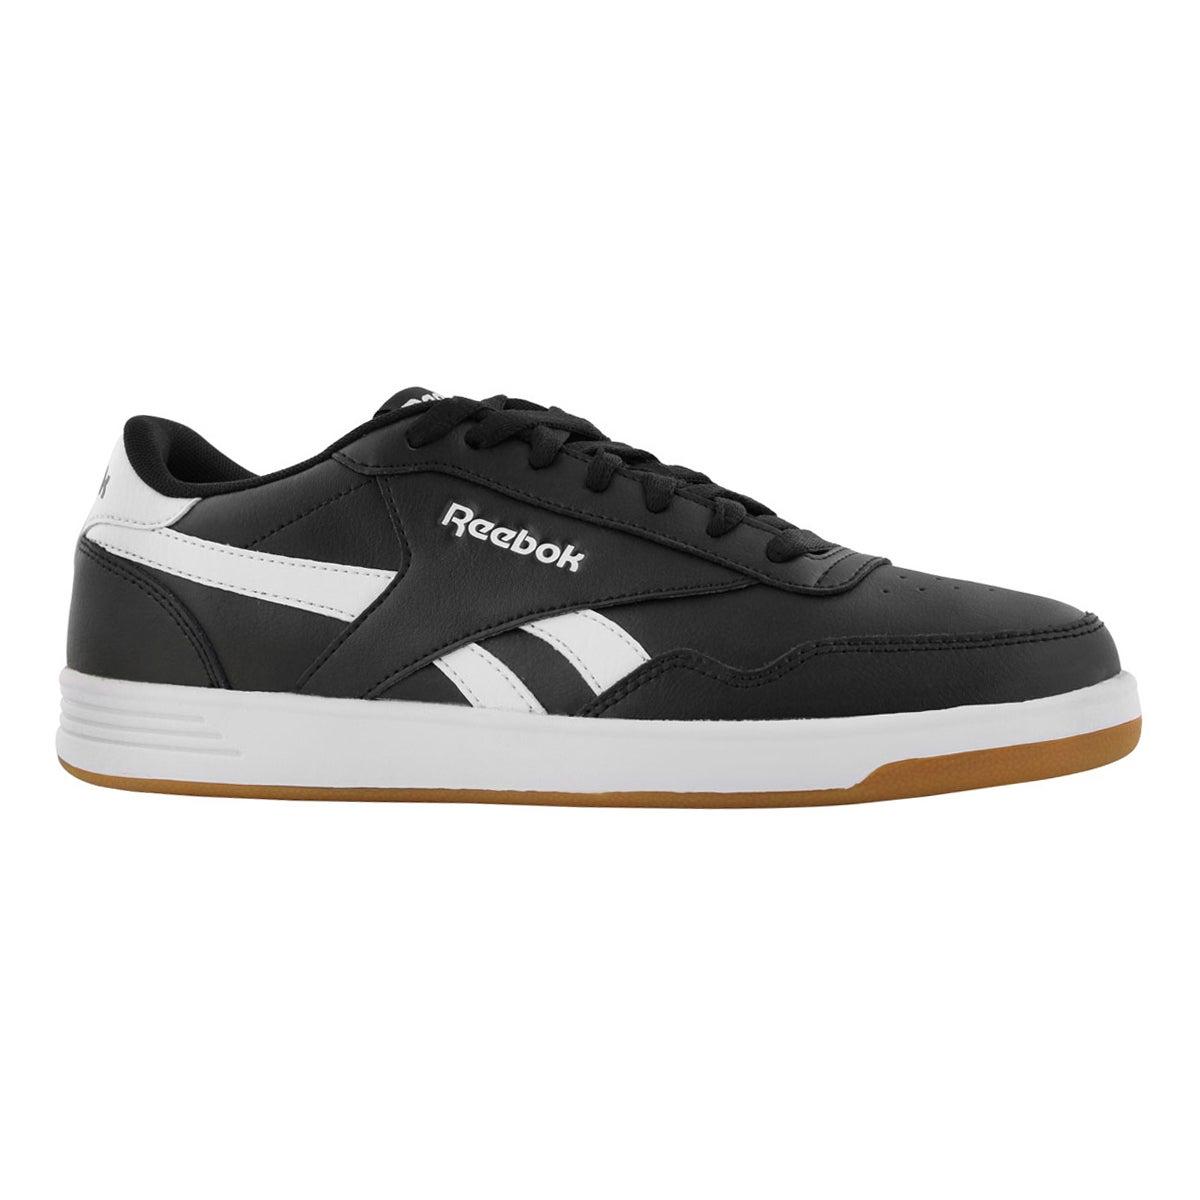 Mns Techque T blk/wht fashion sneaker